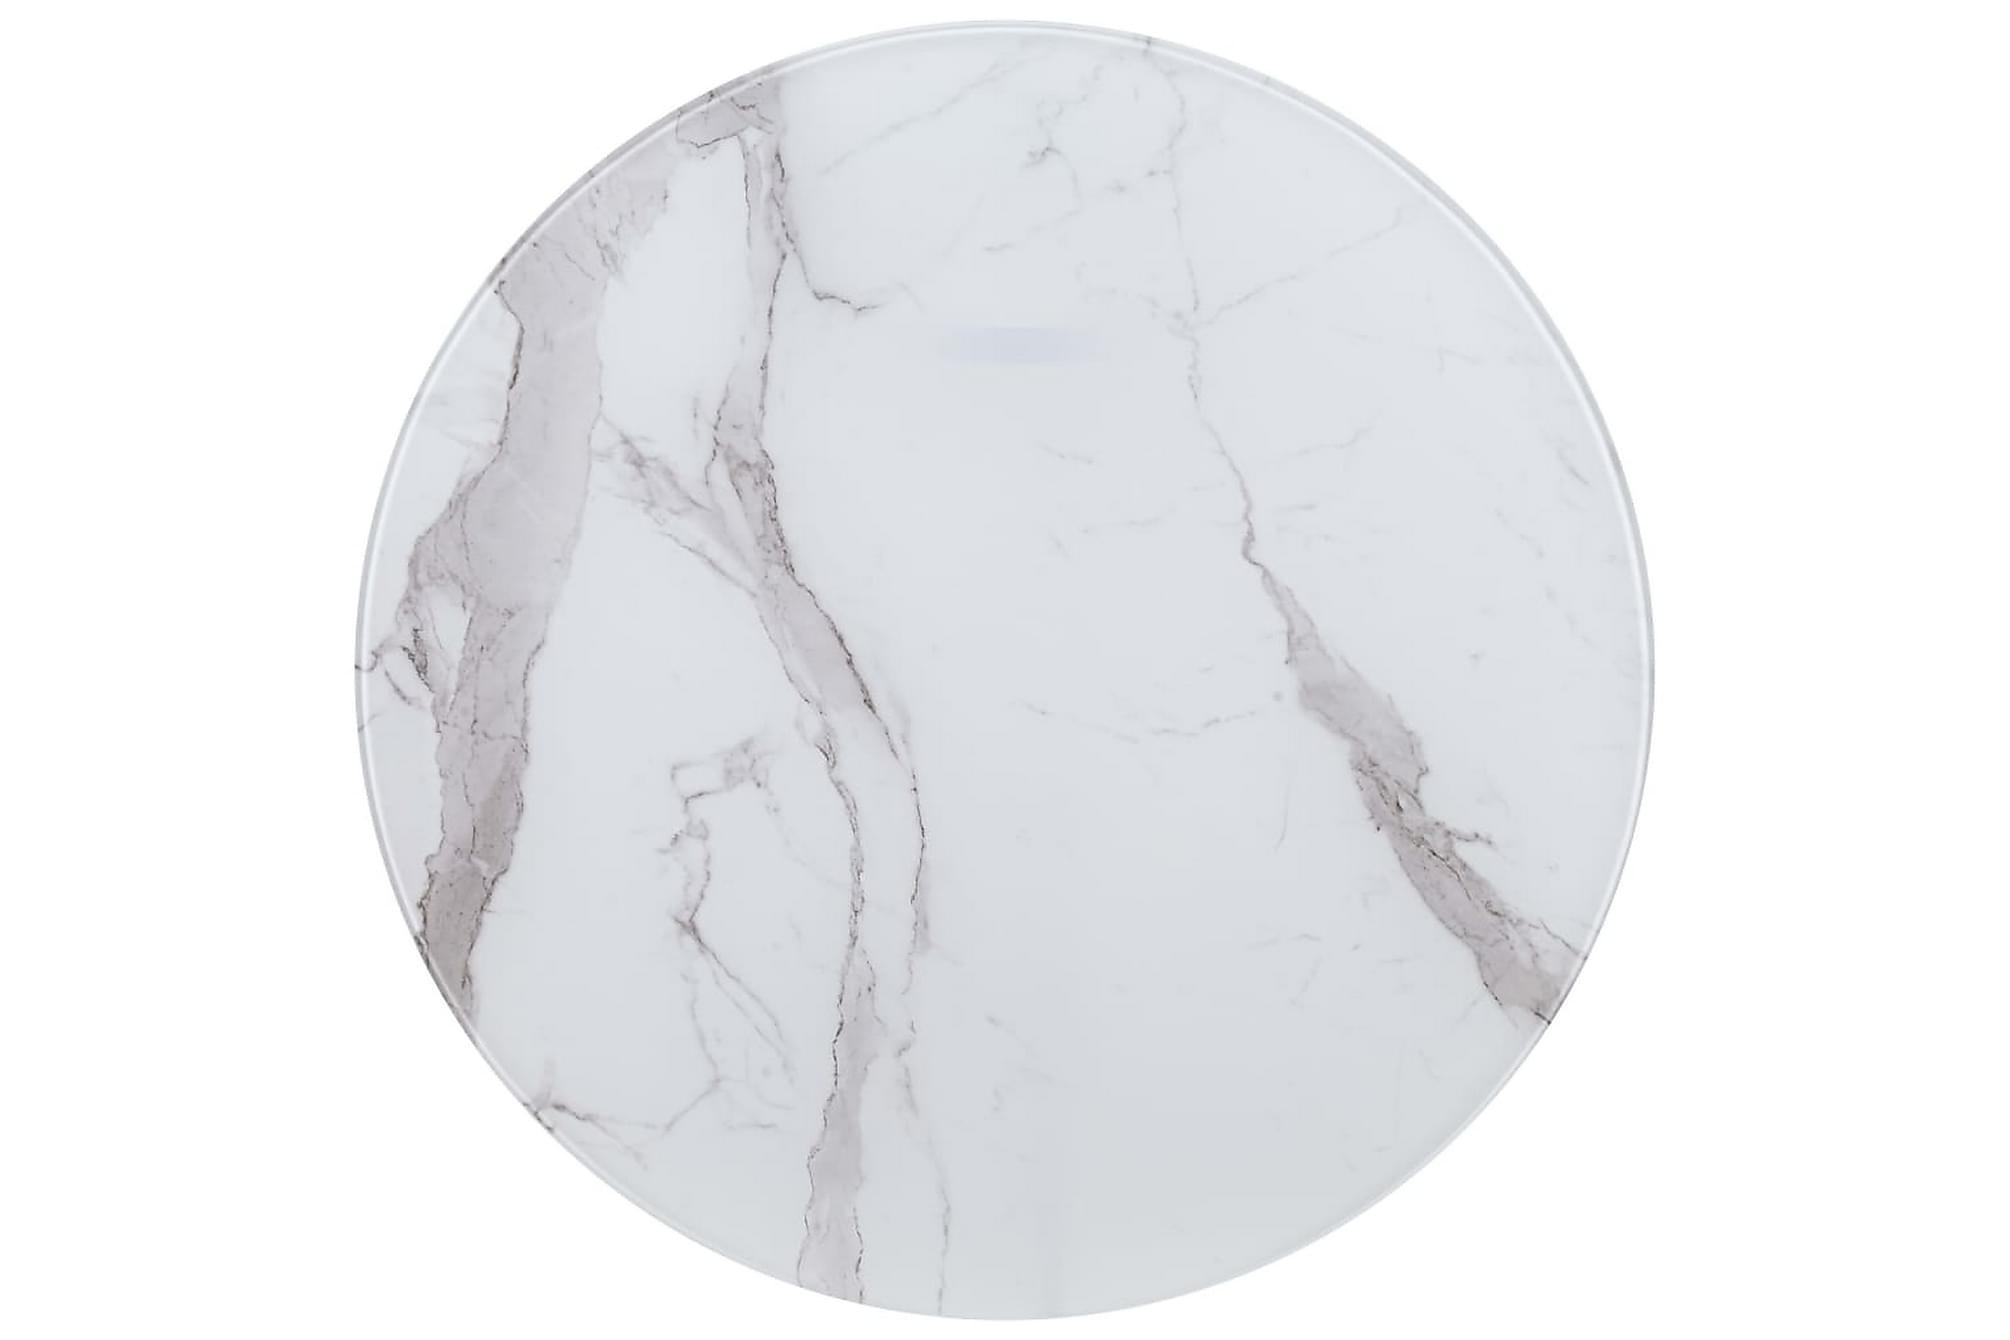 Bordsskiva vit Ã?80 cm glas med marmortextur, Bordsben & tillbehör